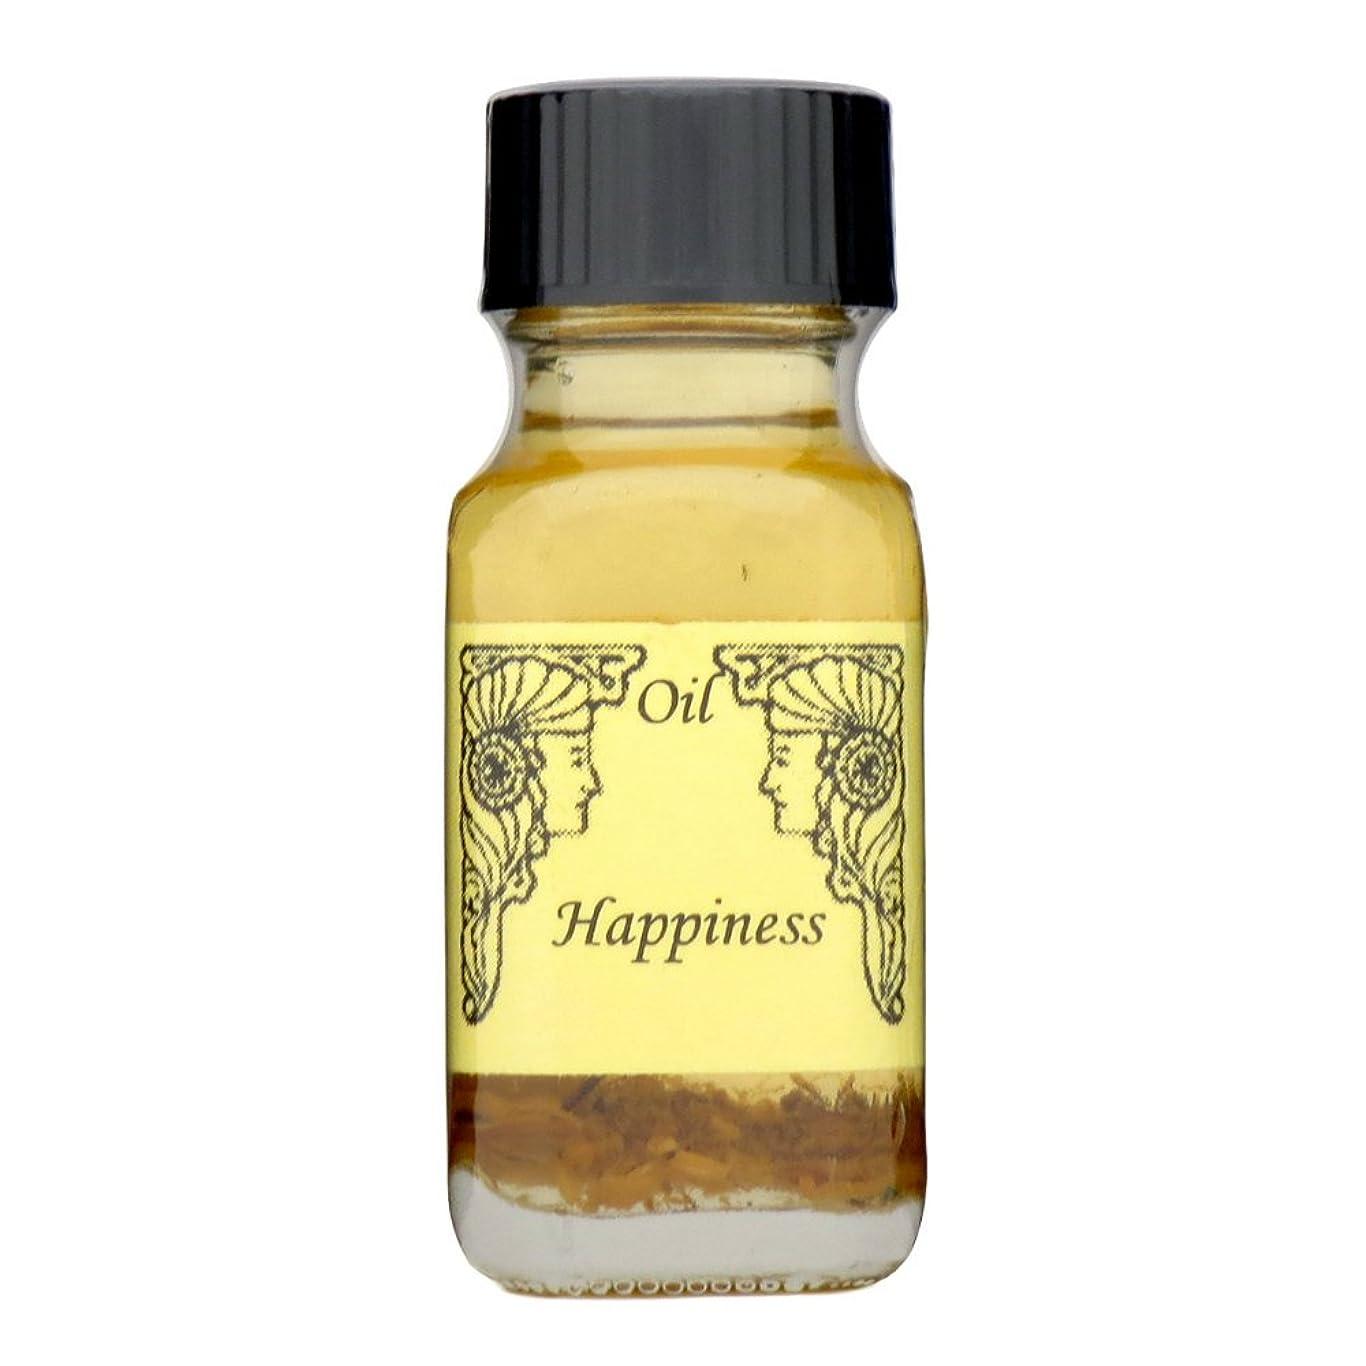 自己剪断重要性アンシェントメモリーオイル ハピネス (幸福) 15ml (Ancient Memory Oils)